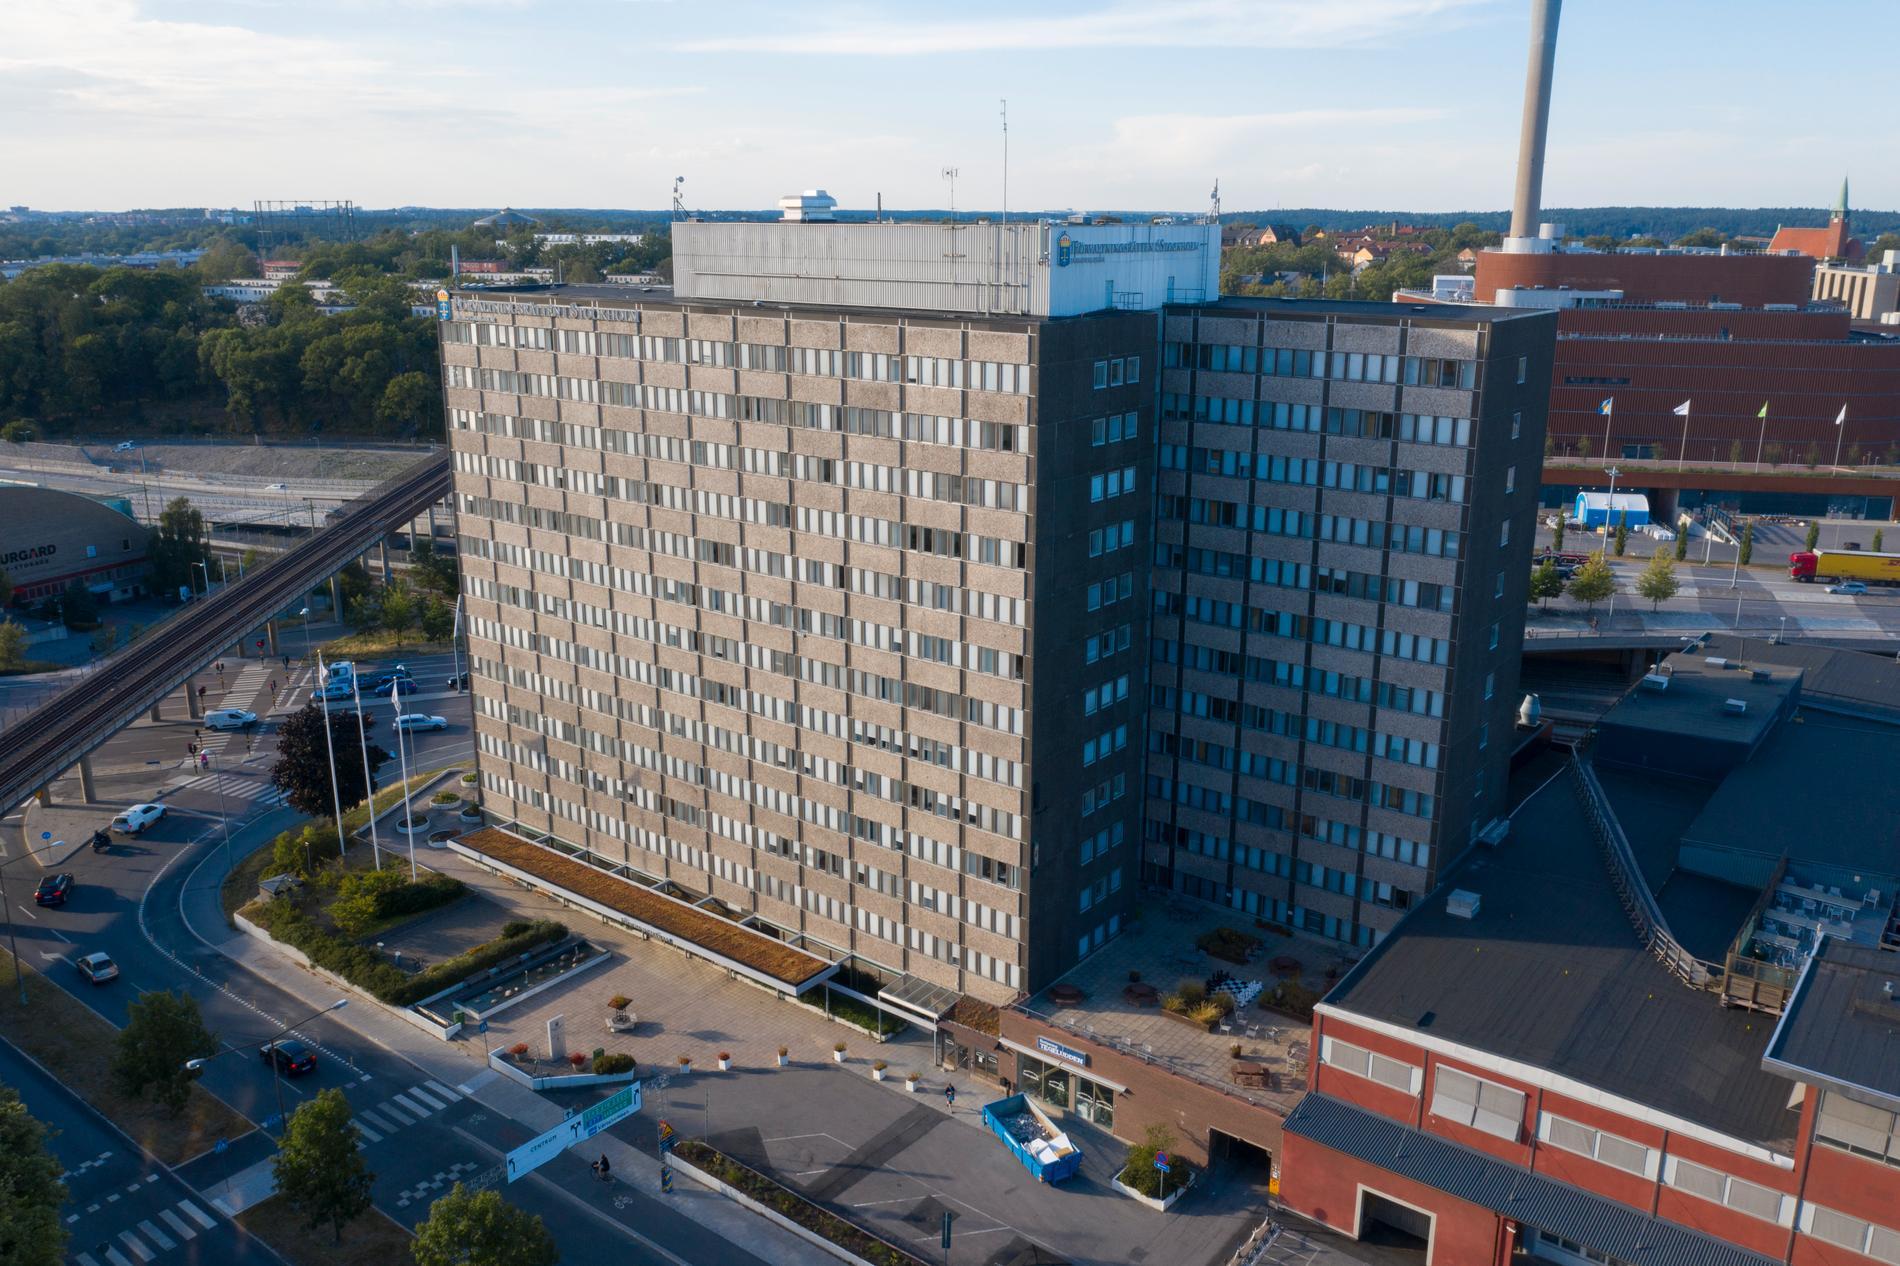 Förvaltningsrättens lokaler nära Värtahamnen i Stockholm, där en av landets fyra migrationsdomstolar finns. De övriga är placerade vid respektive förvaltningsrätt i Malmö, Luleå och Göteborg. Arkivbild.